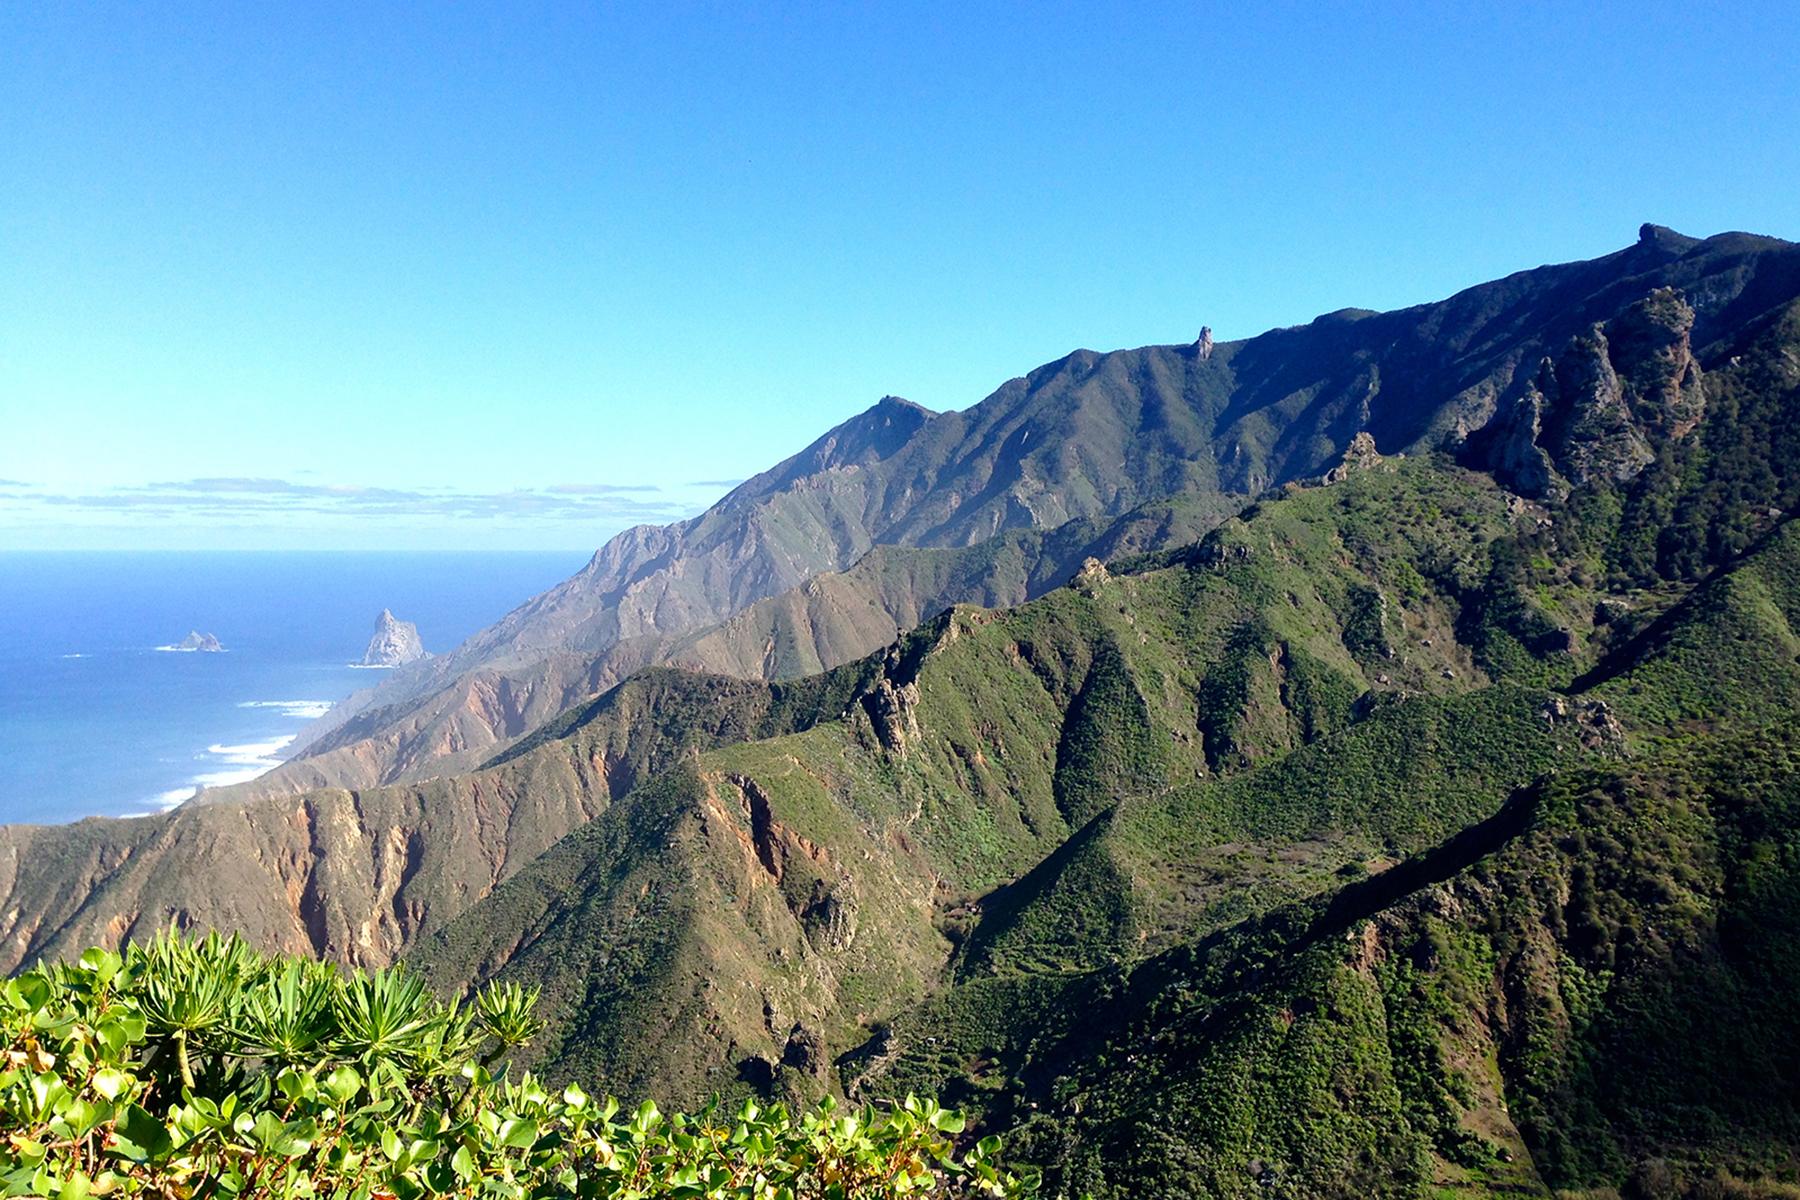 Der Norden von Teneriffa: 9 Dinge, die man auf der größten Kanaren-Insel erleben muss